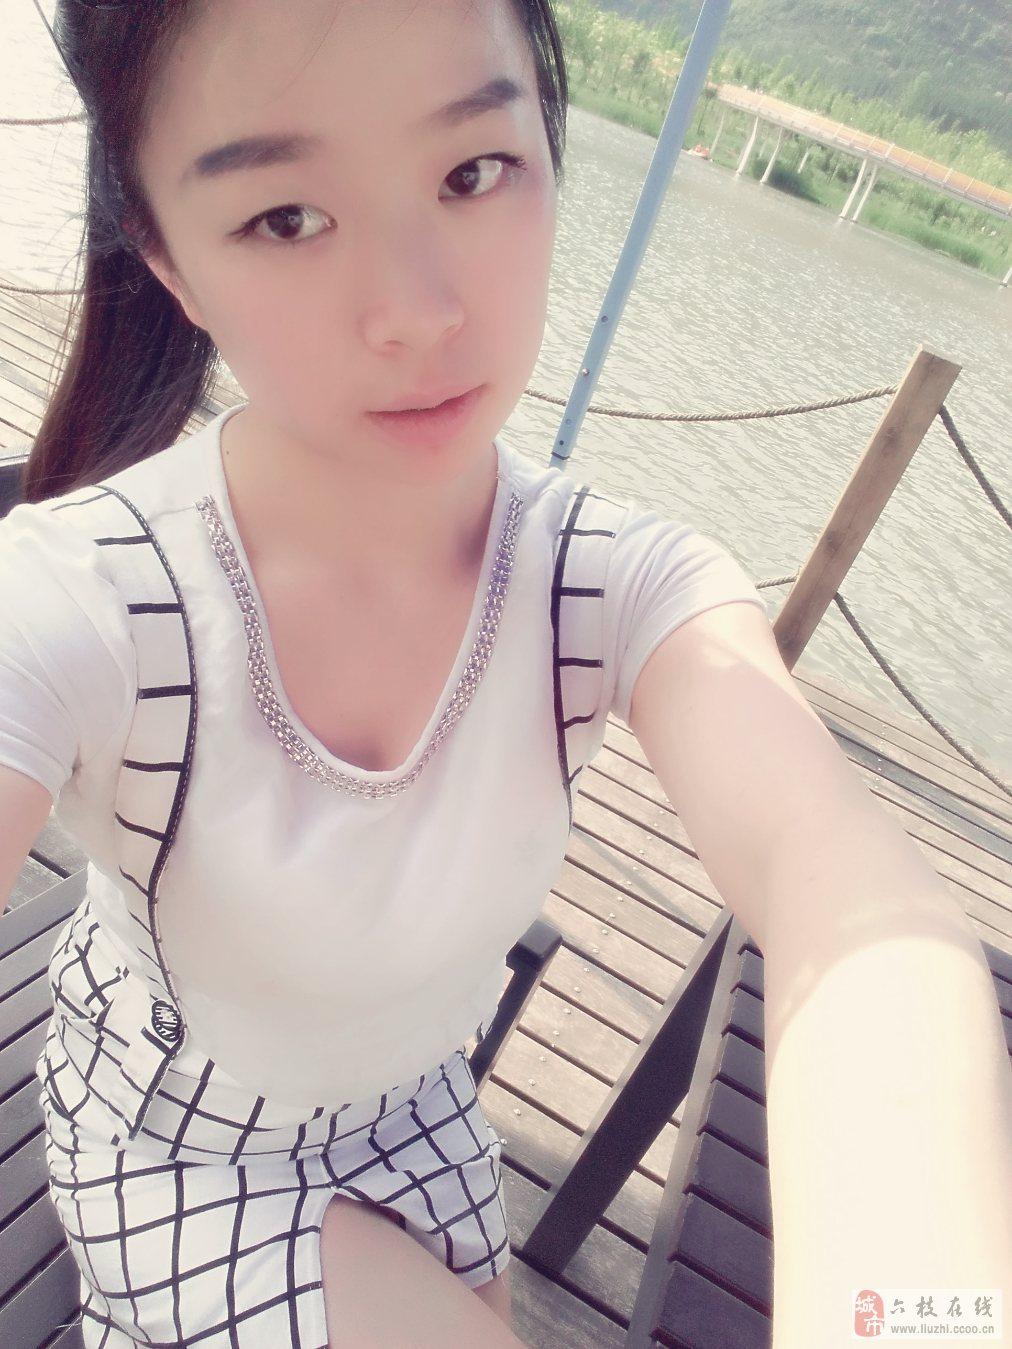 六枝微封面第八期No.4【美女秀场】陈琪 25岁 射手座 自由职业